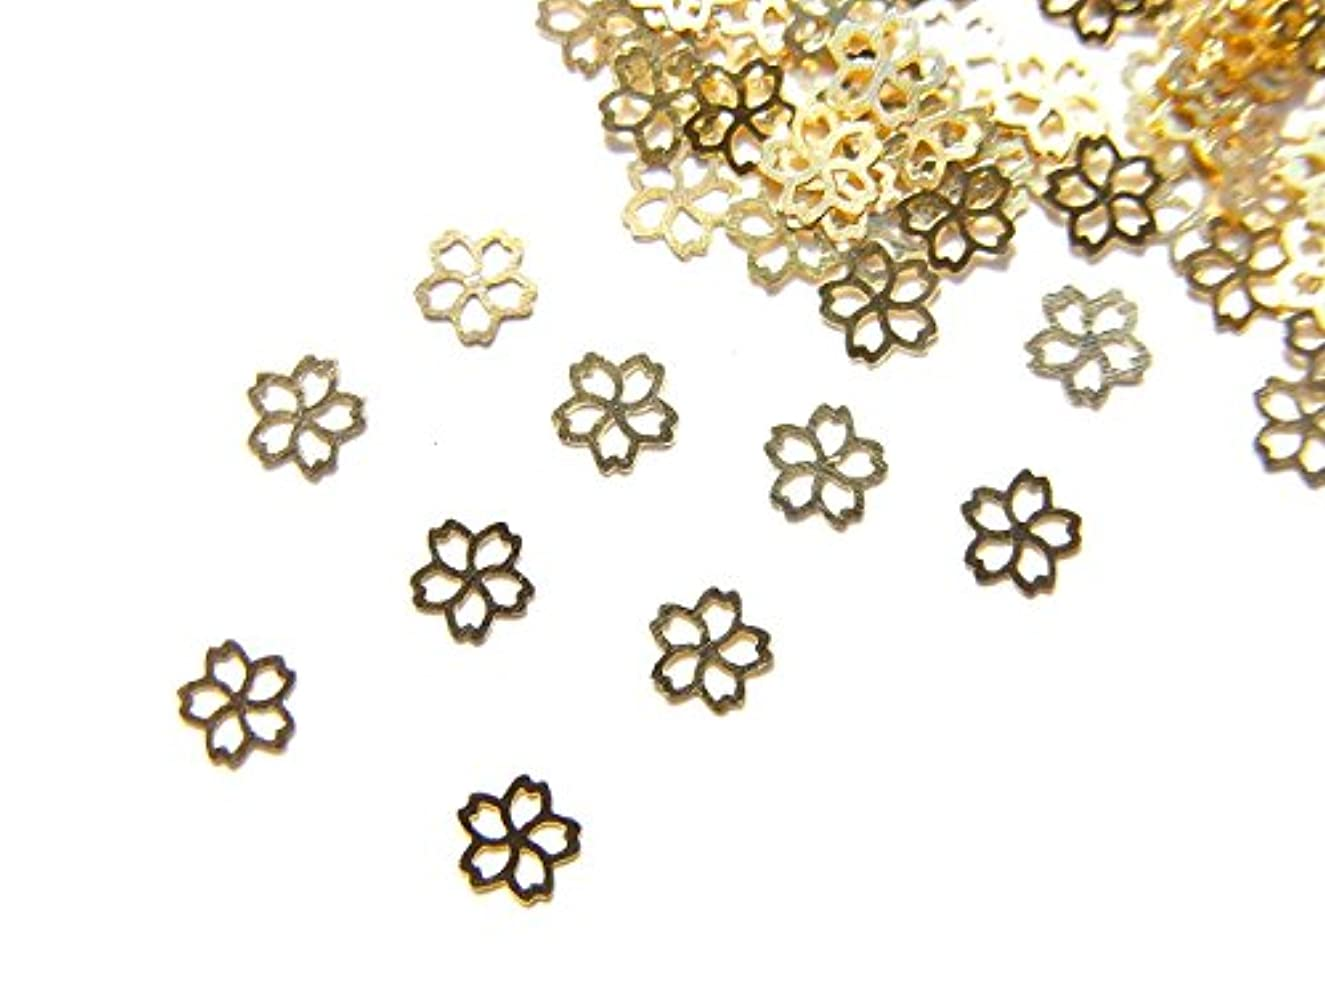 カード磁器抵抗する【jewel】ug27 春ネイル 薄型ゴールド メタルパーツ Sサイズ 桜 サクラB 10個入り ネイルアートパーツ レジンパーツ